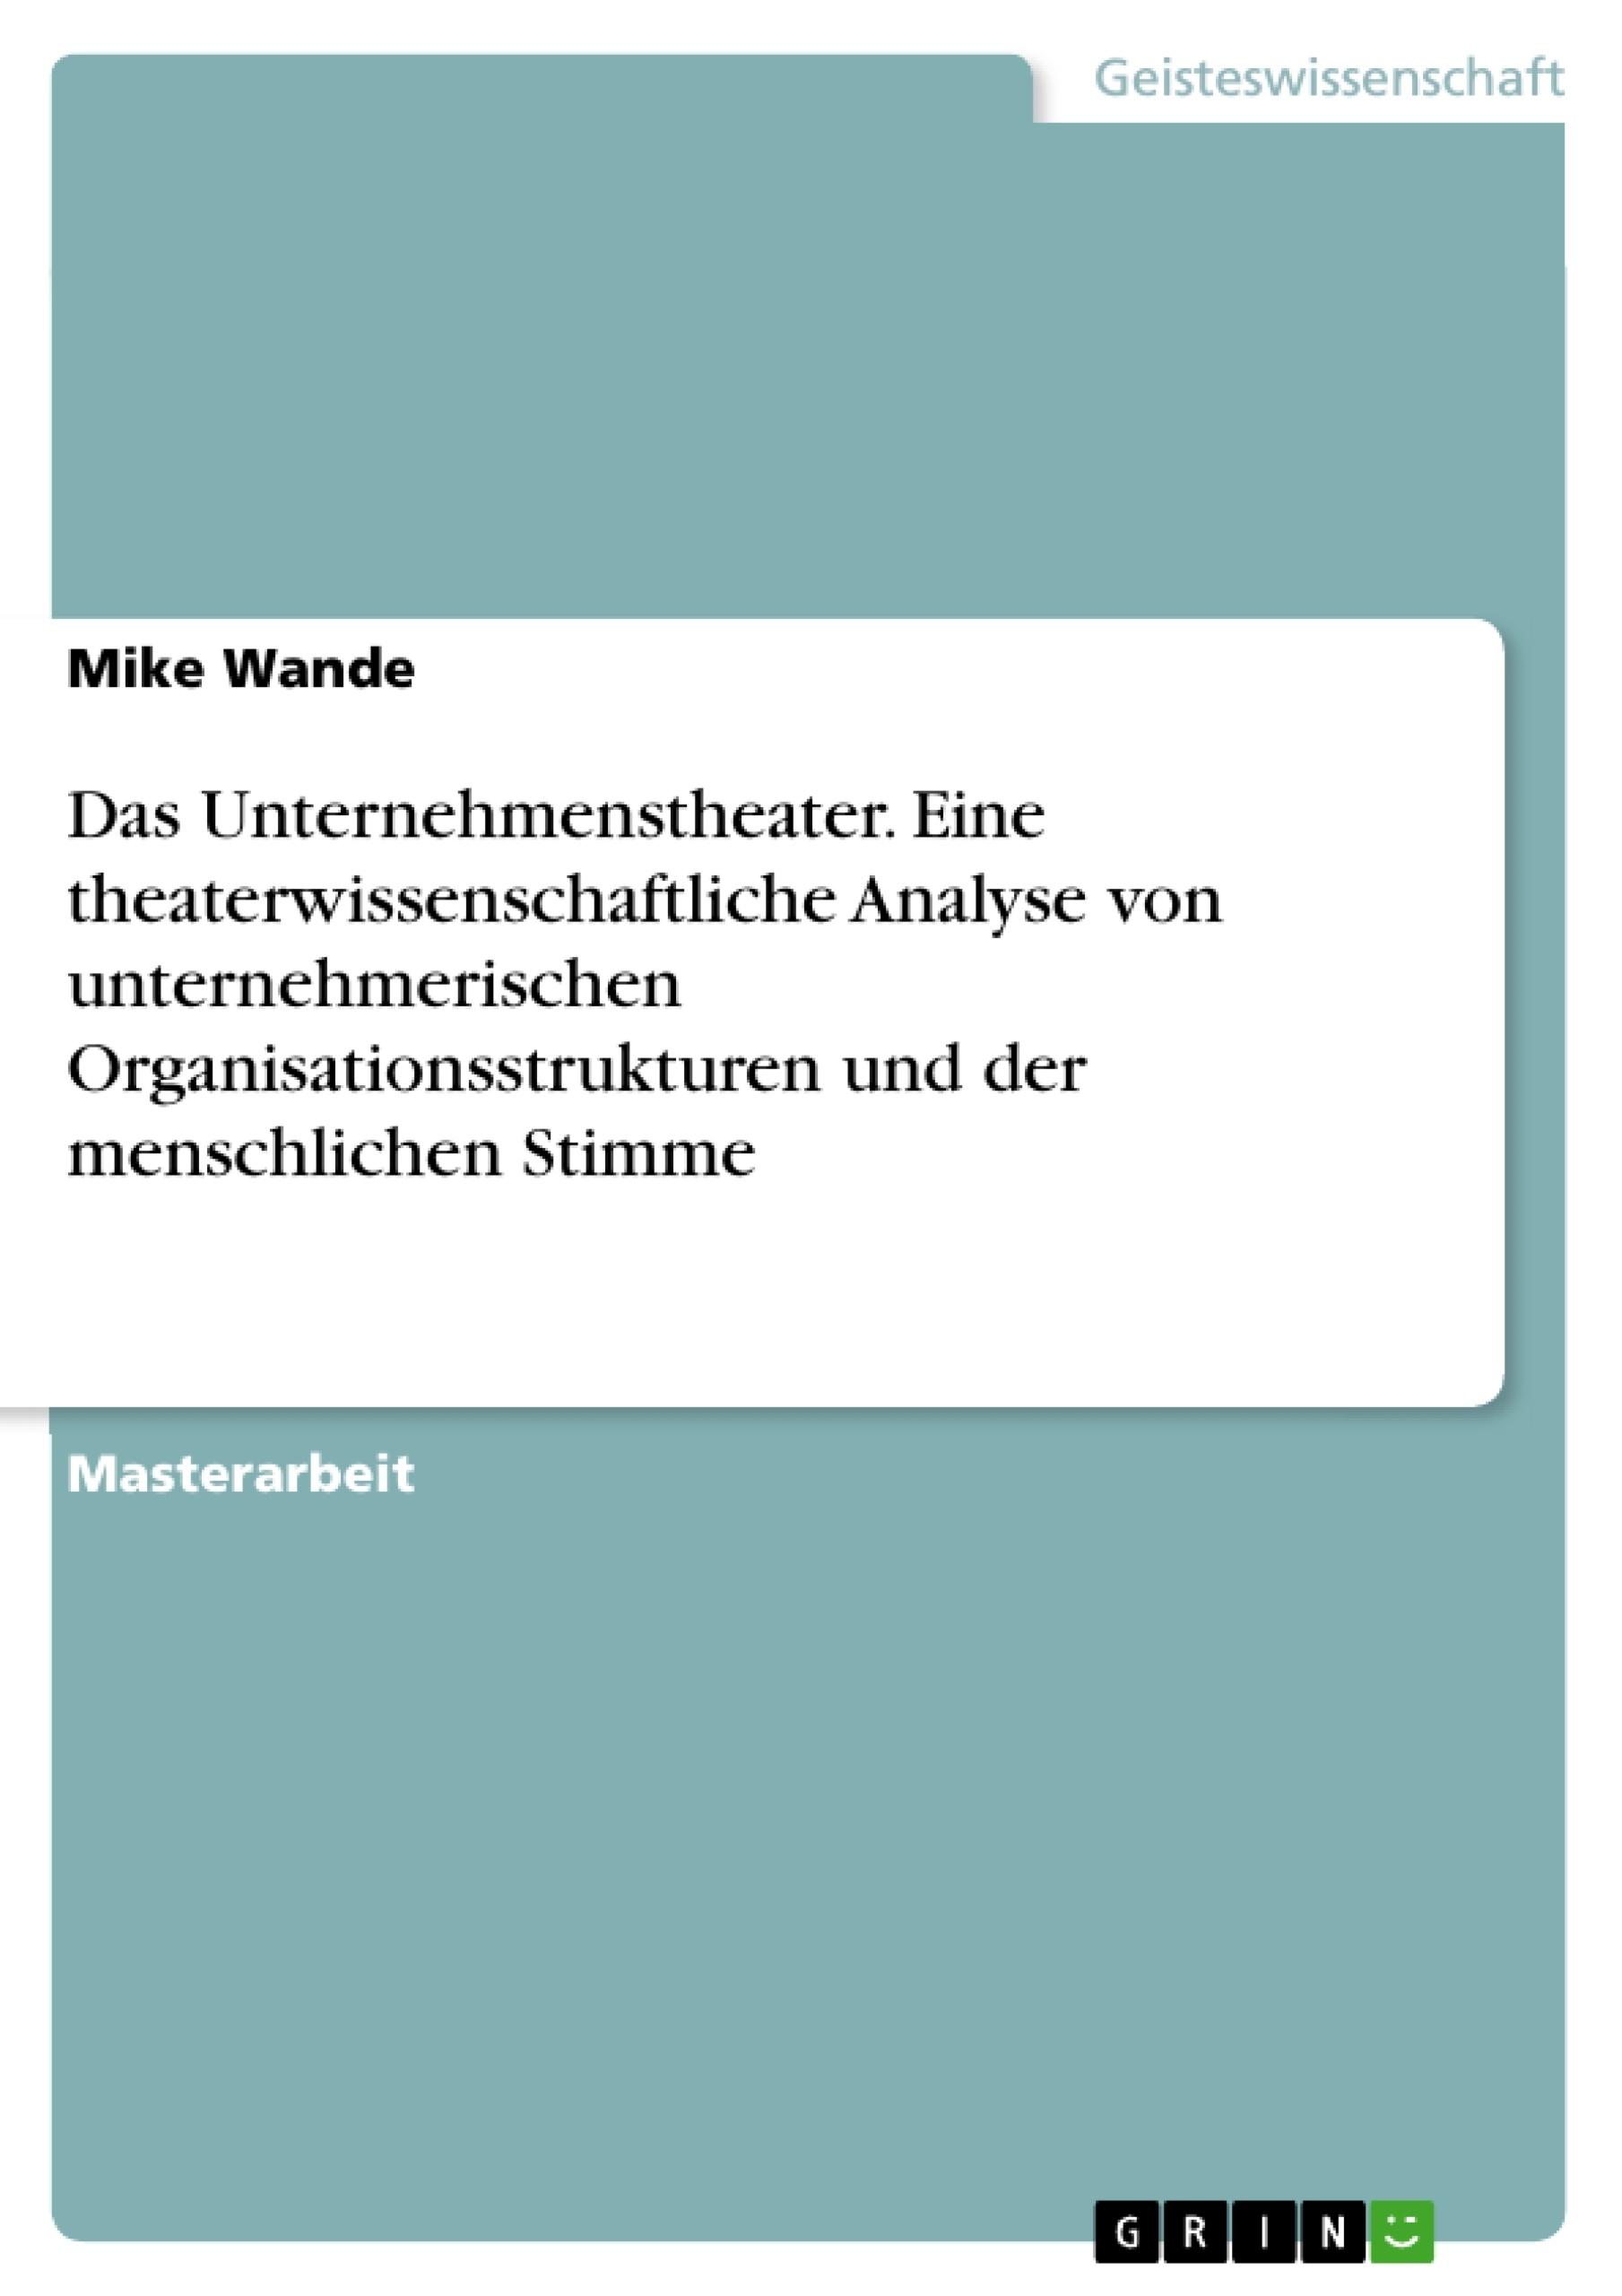 Titel: Das Unternehmenstheater. Eine theaterwissenschaftliche Analyse von unternehmerischen Organisationsstrukturen und der menschlichen Stimme